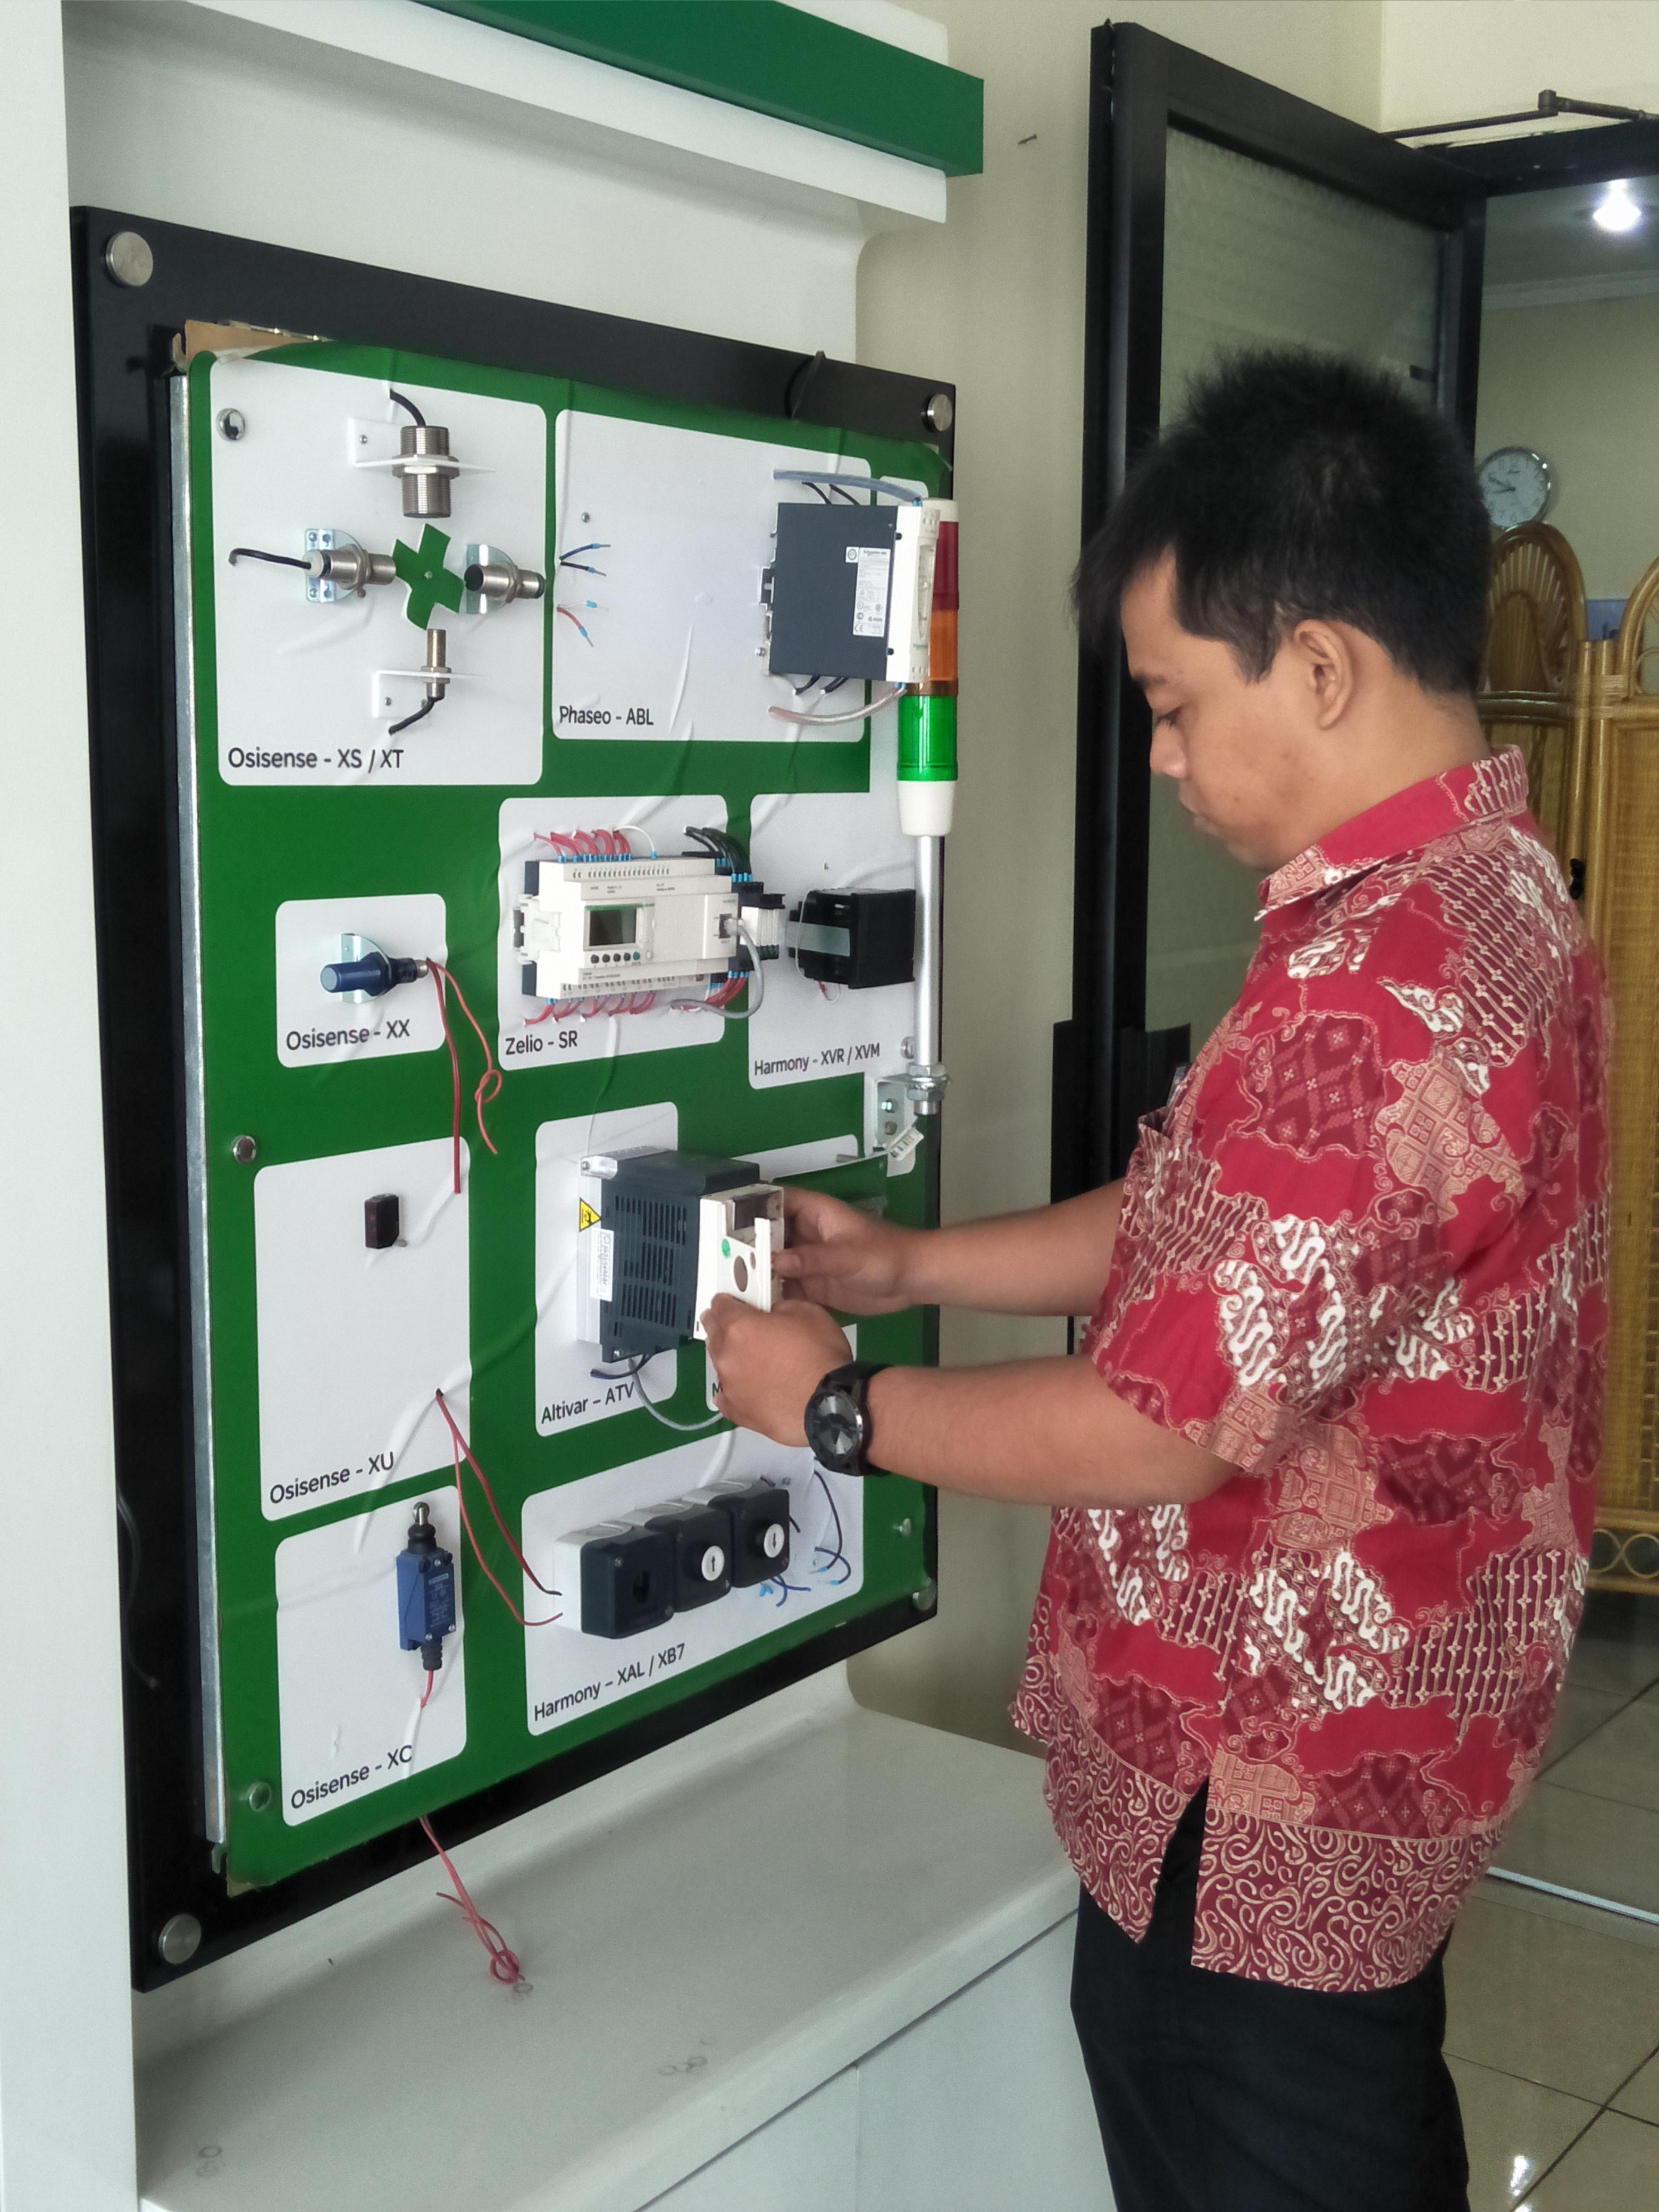 Pelatihan PLC Schneider Tingkatkan Skill Dosen dan Laboran di Bidang Kontrol dan Instrumentasi